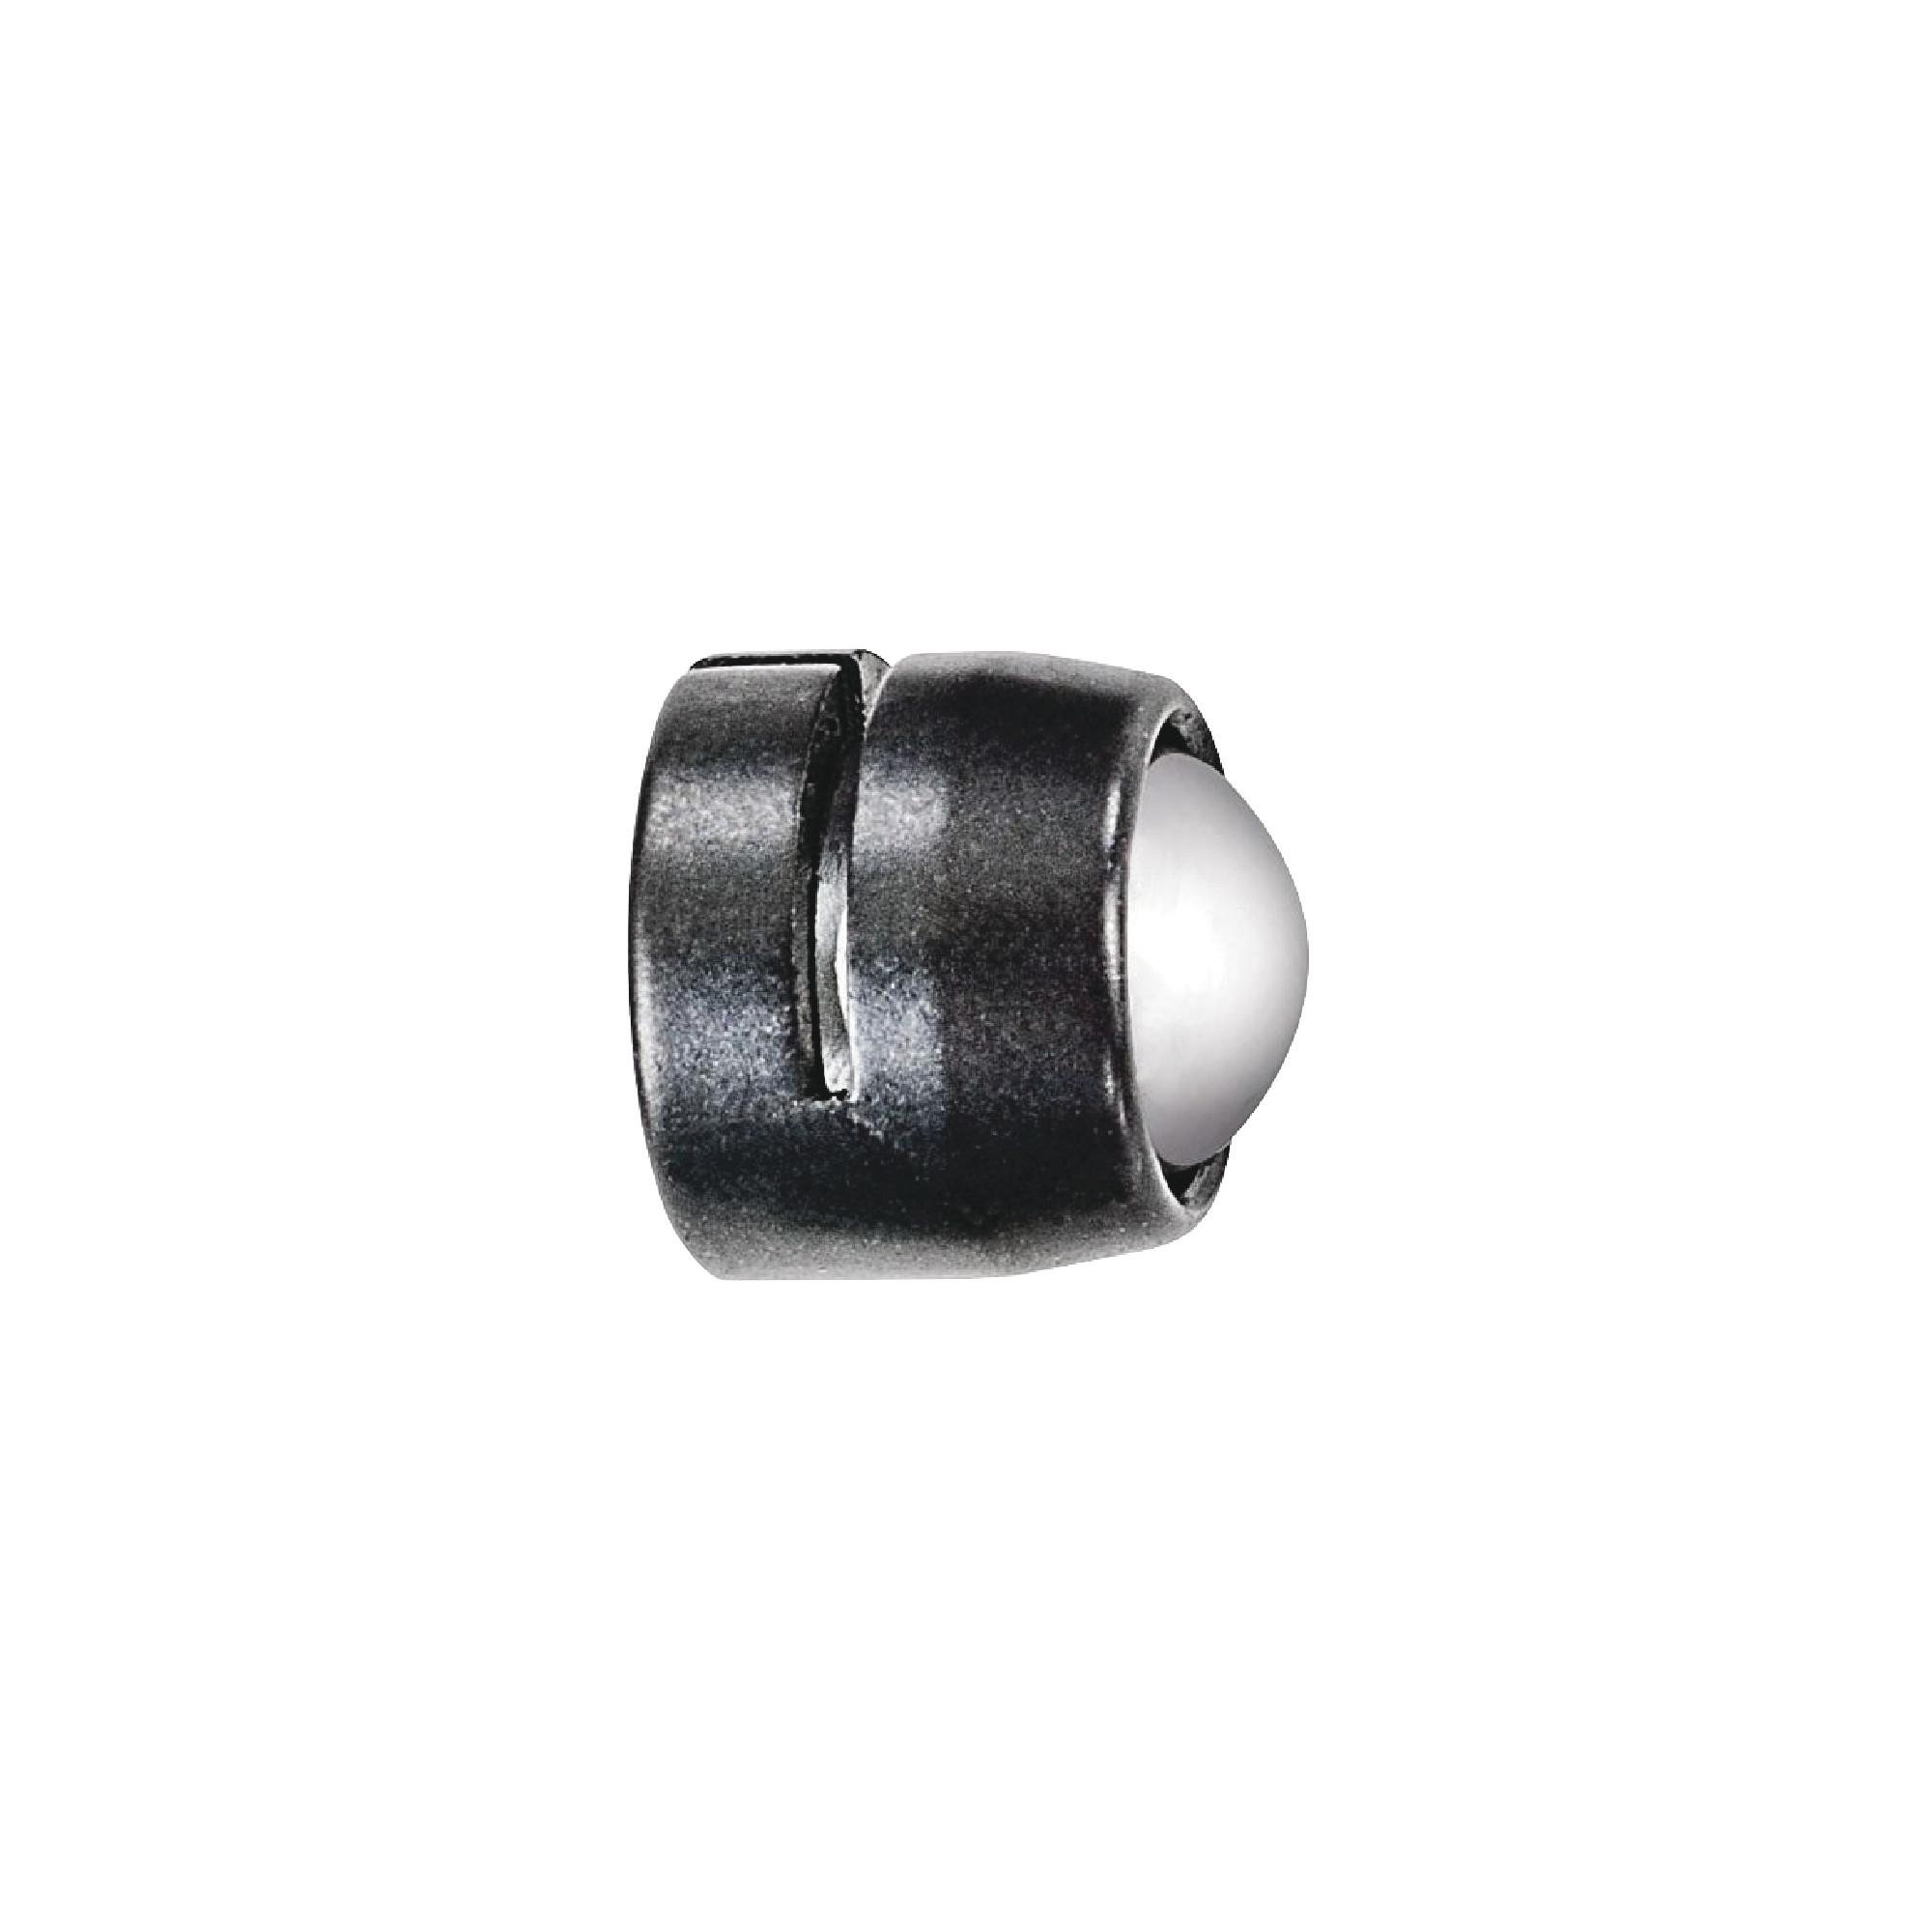 Micrometer Ball Attachment